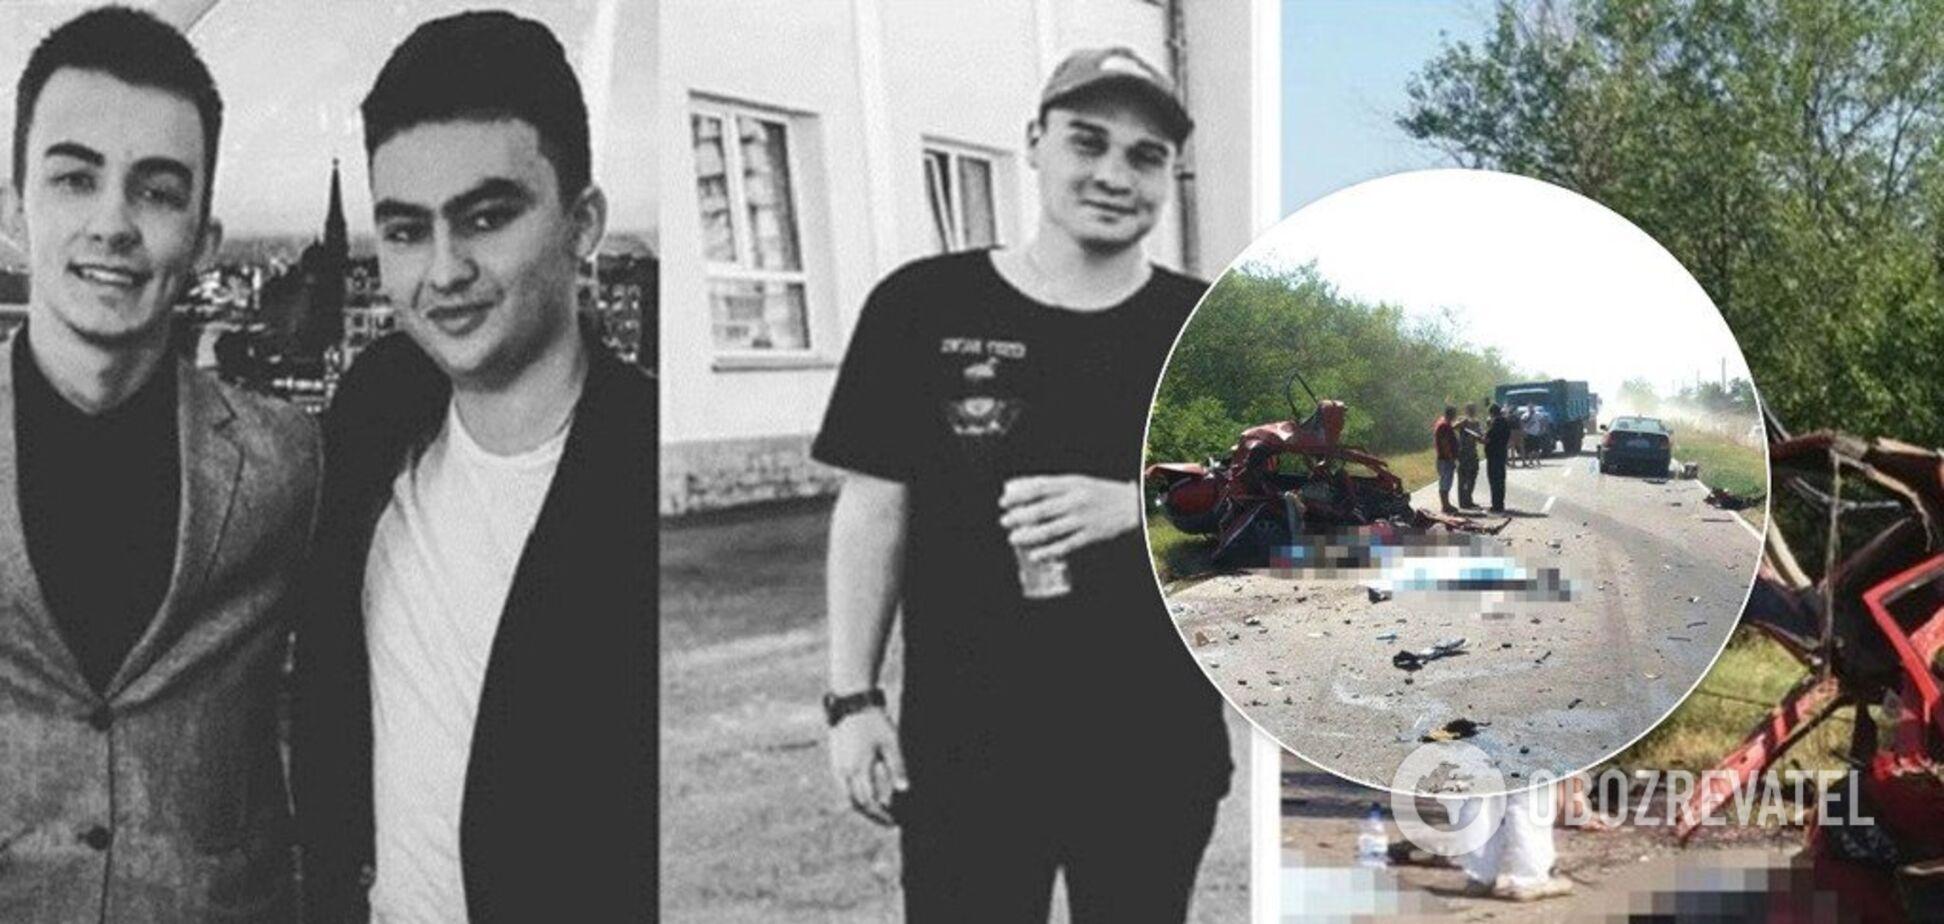 'Втратили синів': подробиці жахливої ДТП зі студентами під Одесою